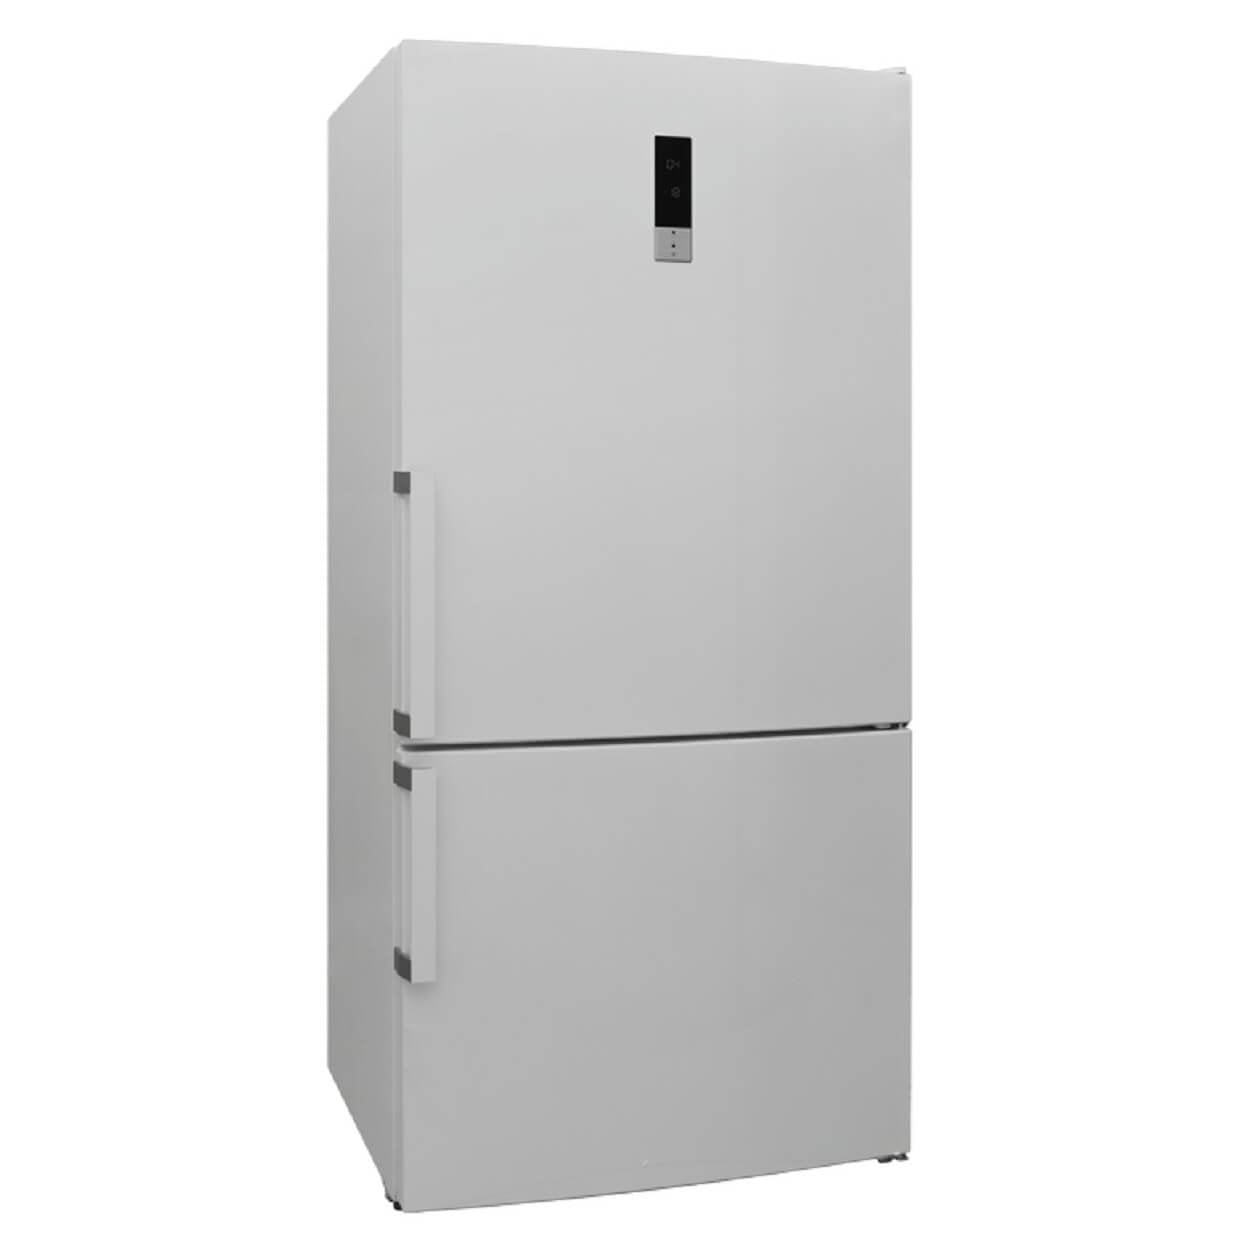 Vestel NFK640 E A++ GI buzdolabi